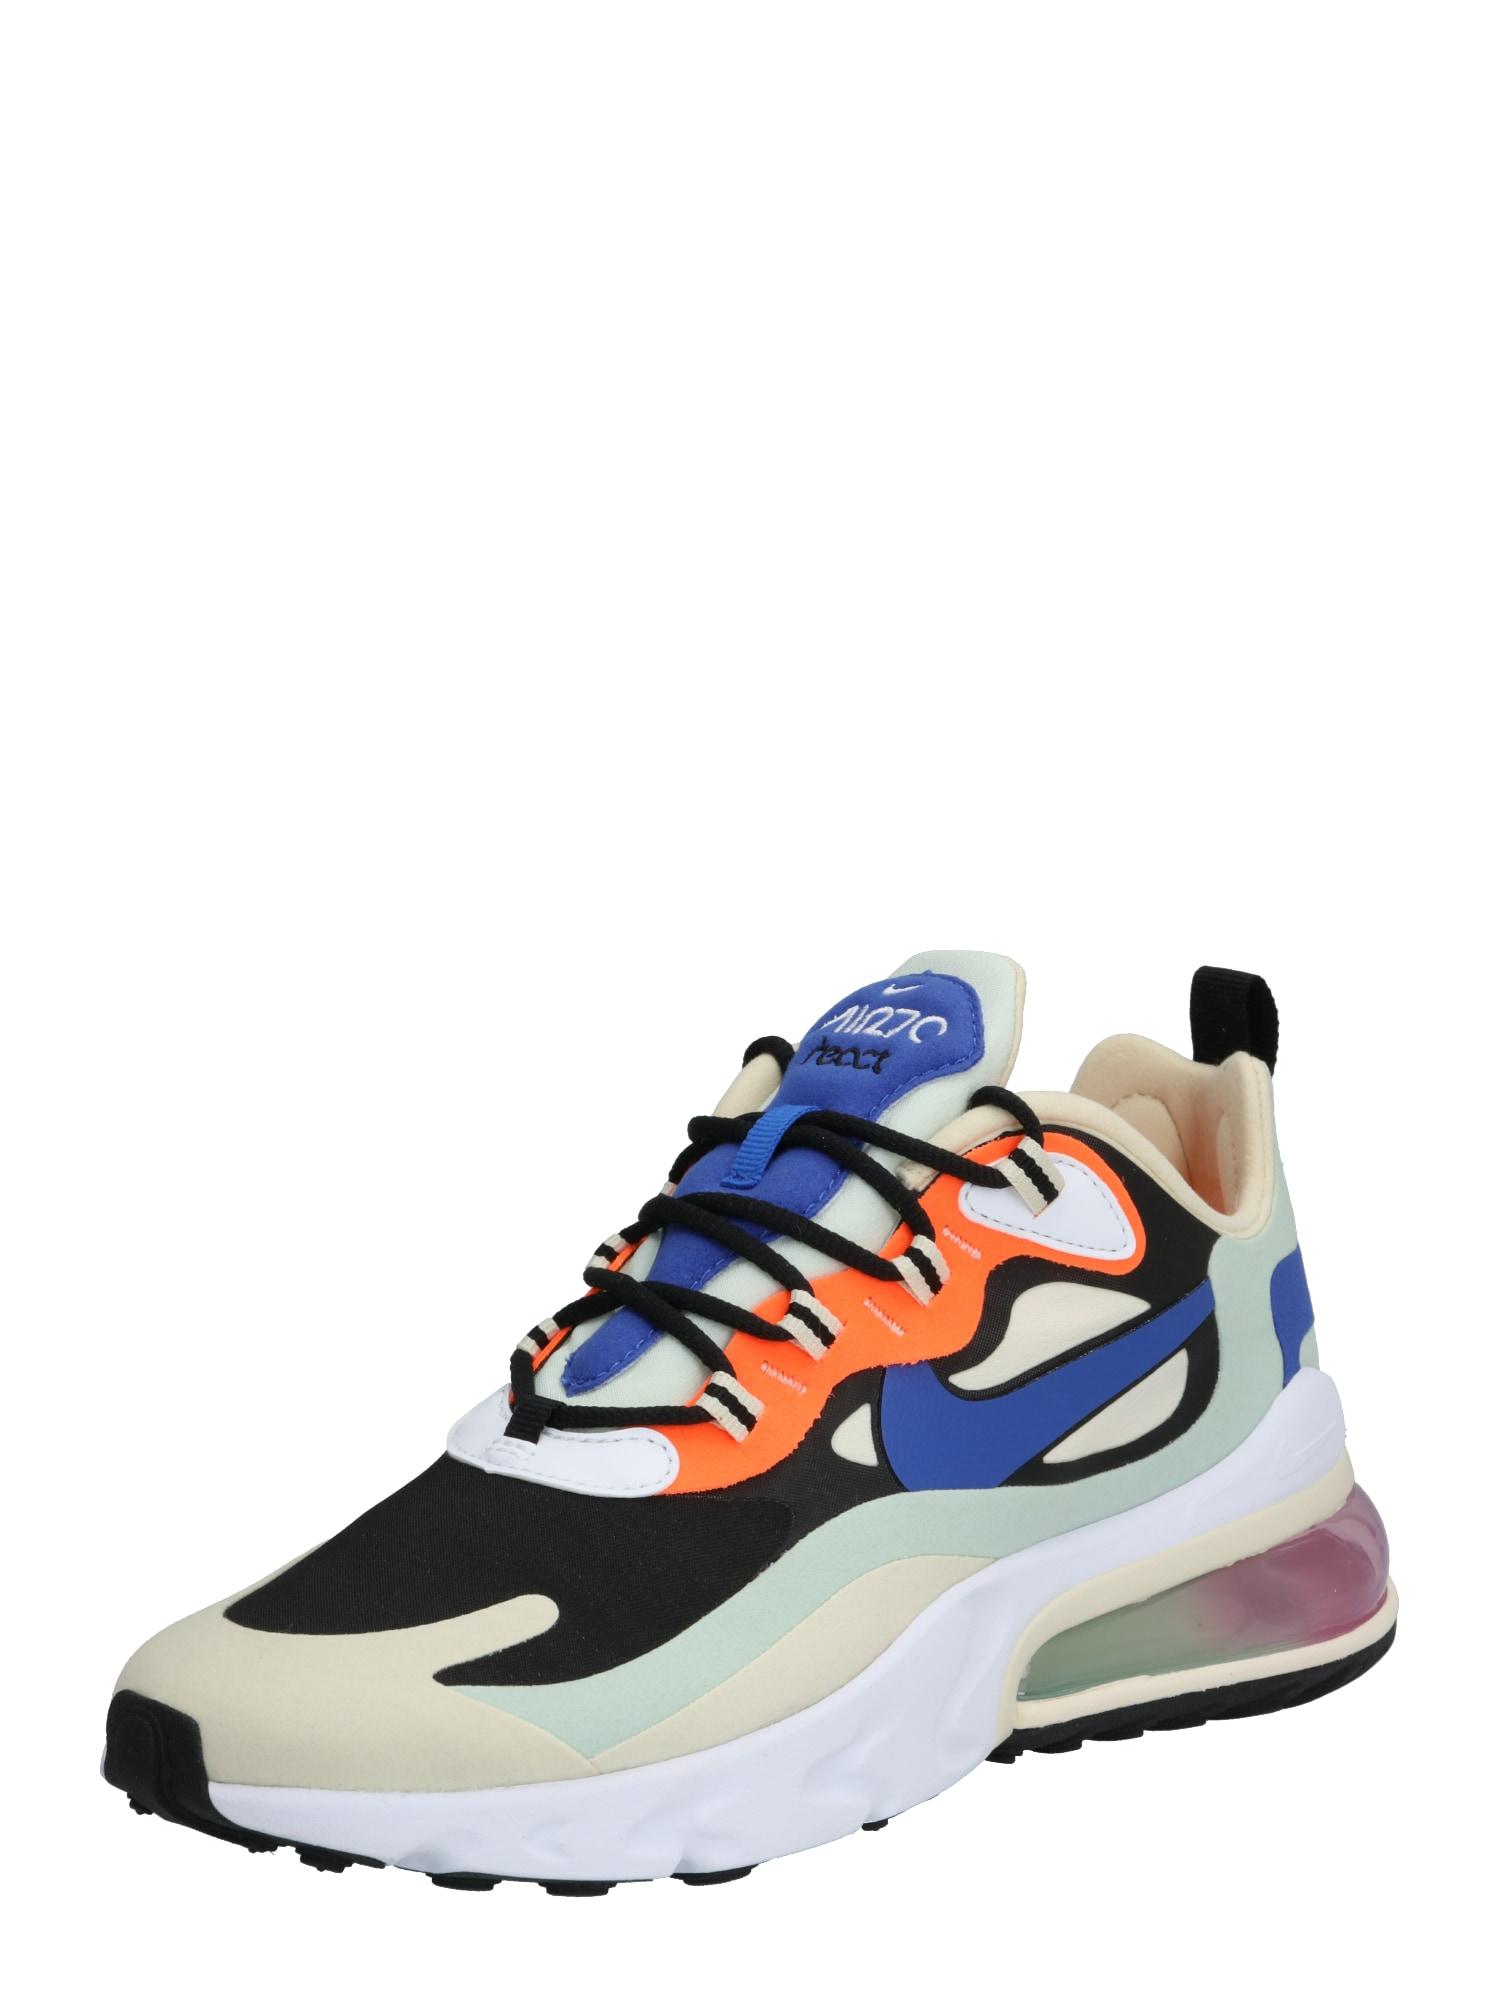 NIKE Sportiniai batai 'Air Max 270 React' oranžinė / mėtų spalva / balta / juoda